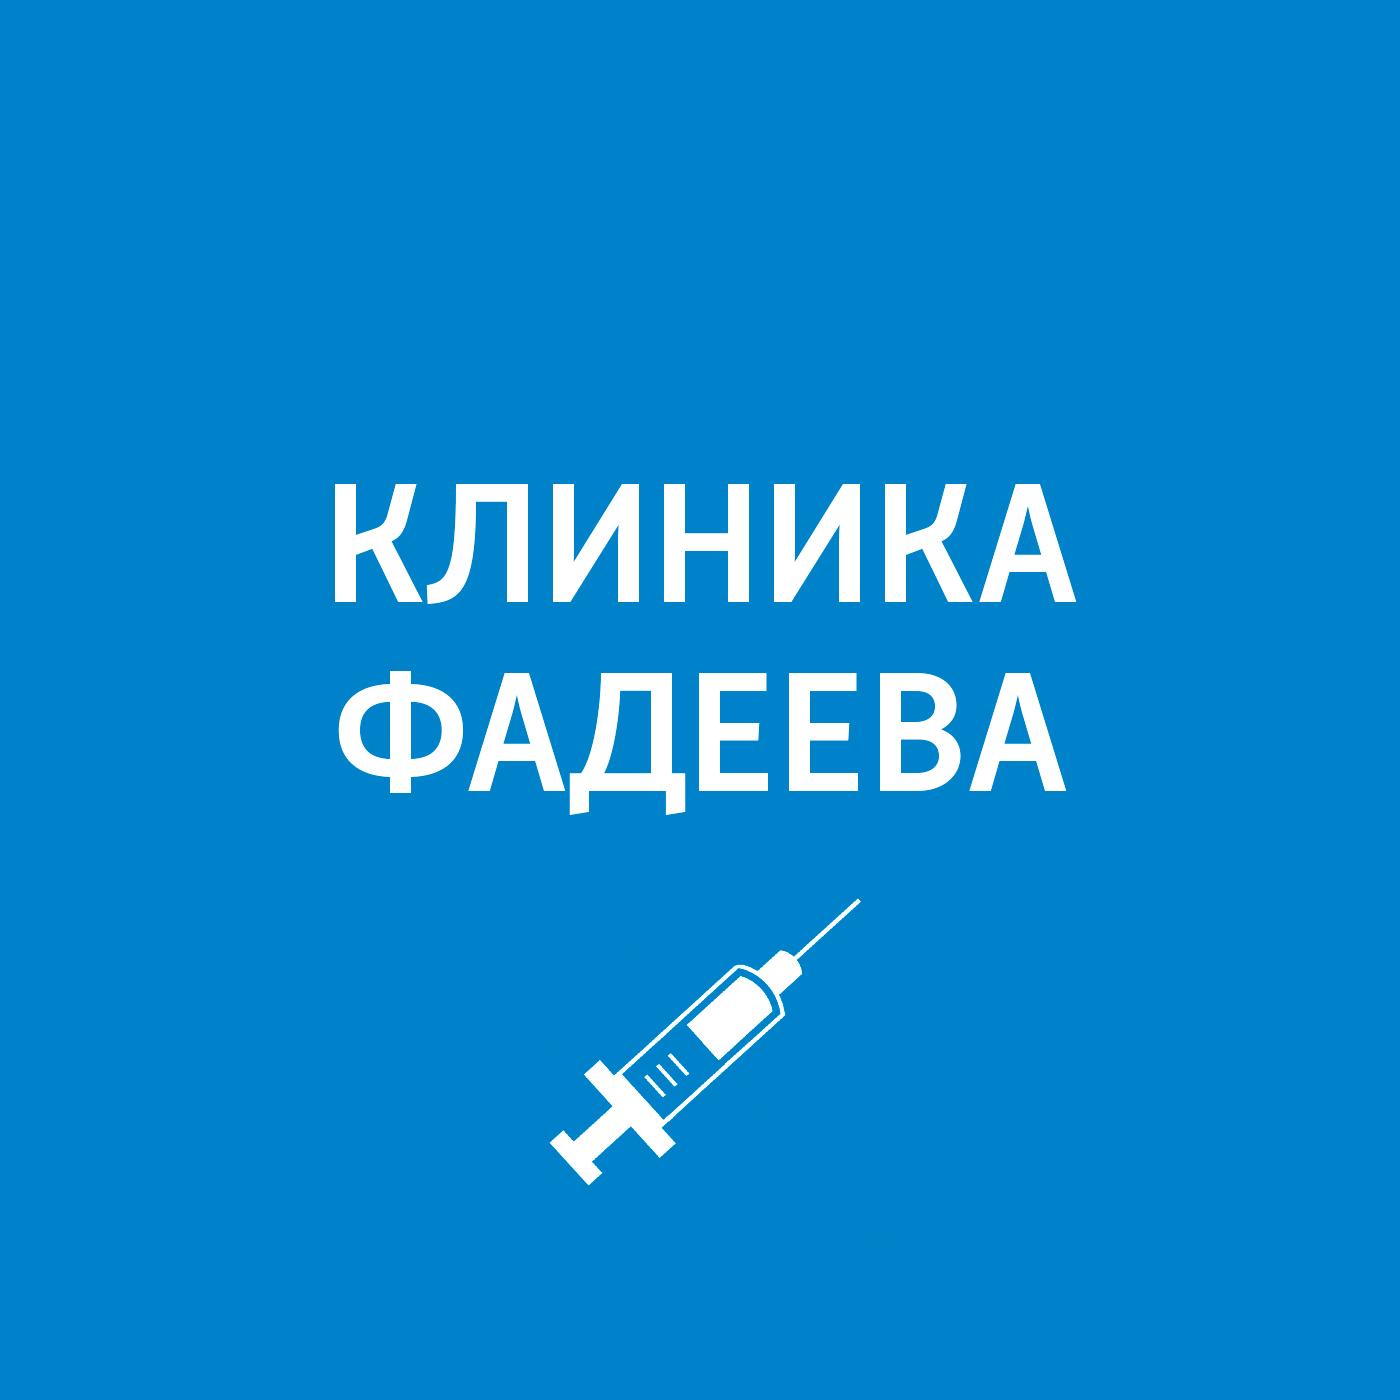 Пётр Фадеев Приём ведёт врач-офтальмолог. Ответы на вопросы пётр фадеев приём ведёт дерматолог солнце польза или вред